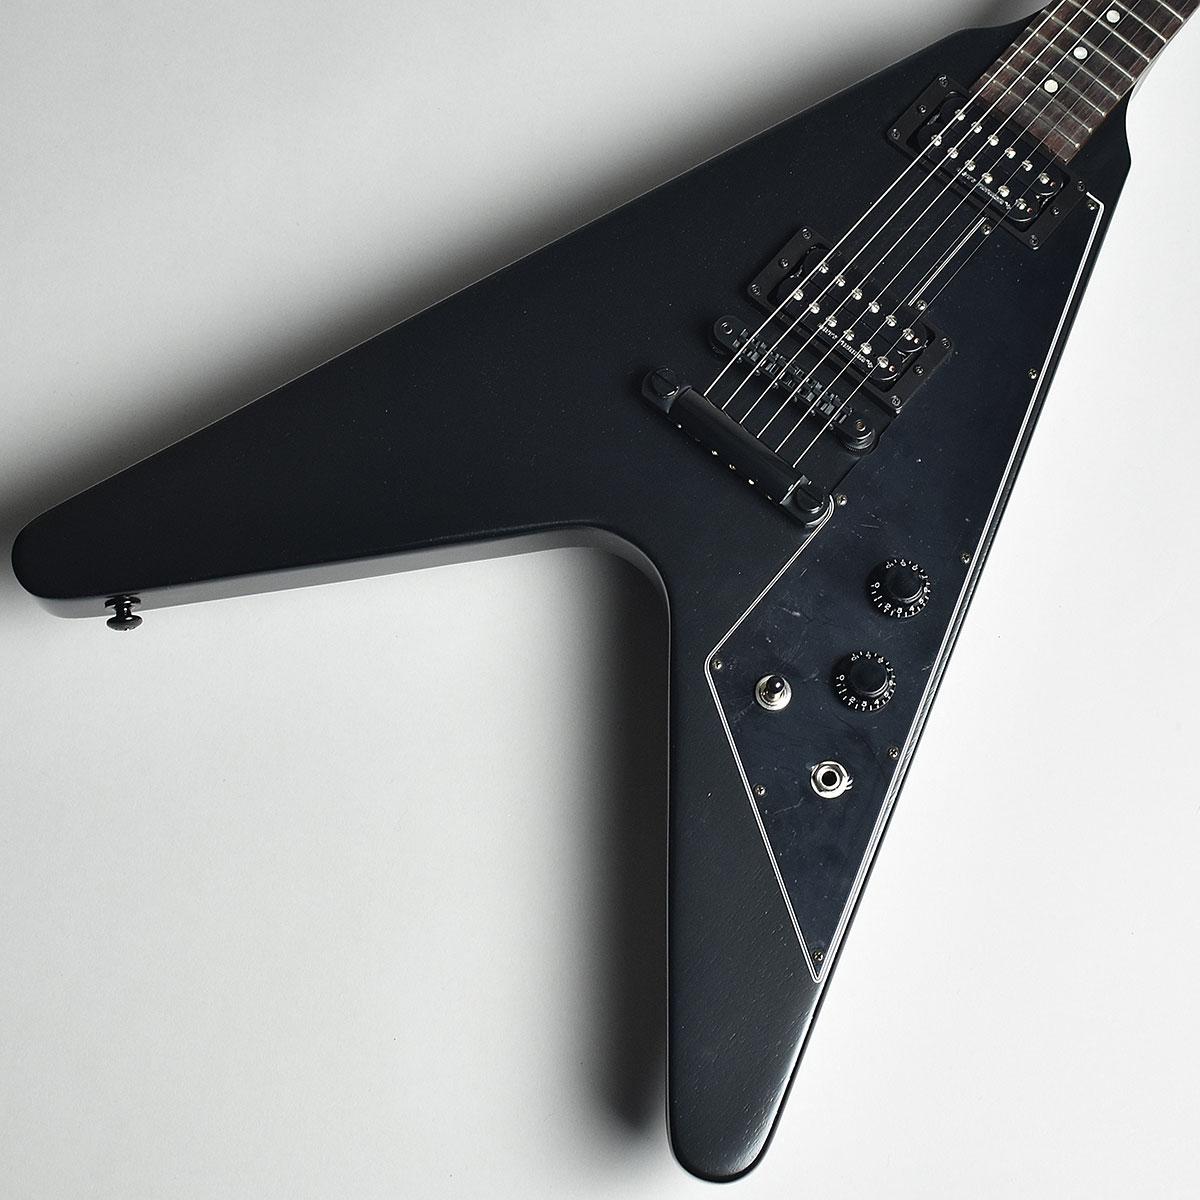 Gibson FlyingV Tribute 2019 Satin Ebony S/N:190015909 【ギブソン フライングV】【未展示品】